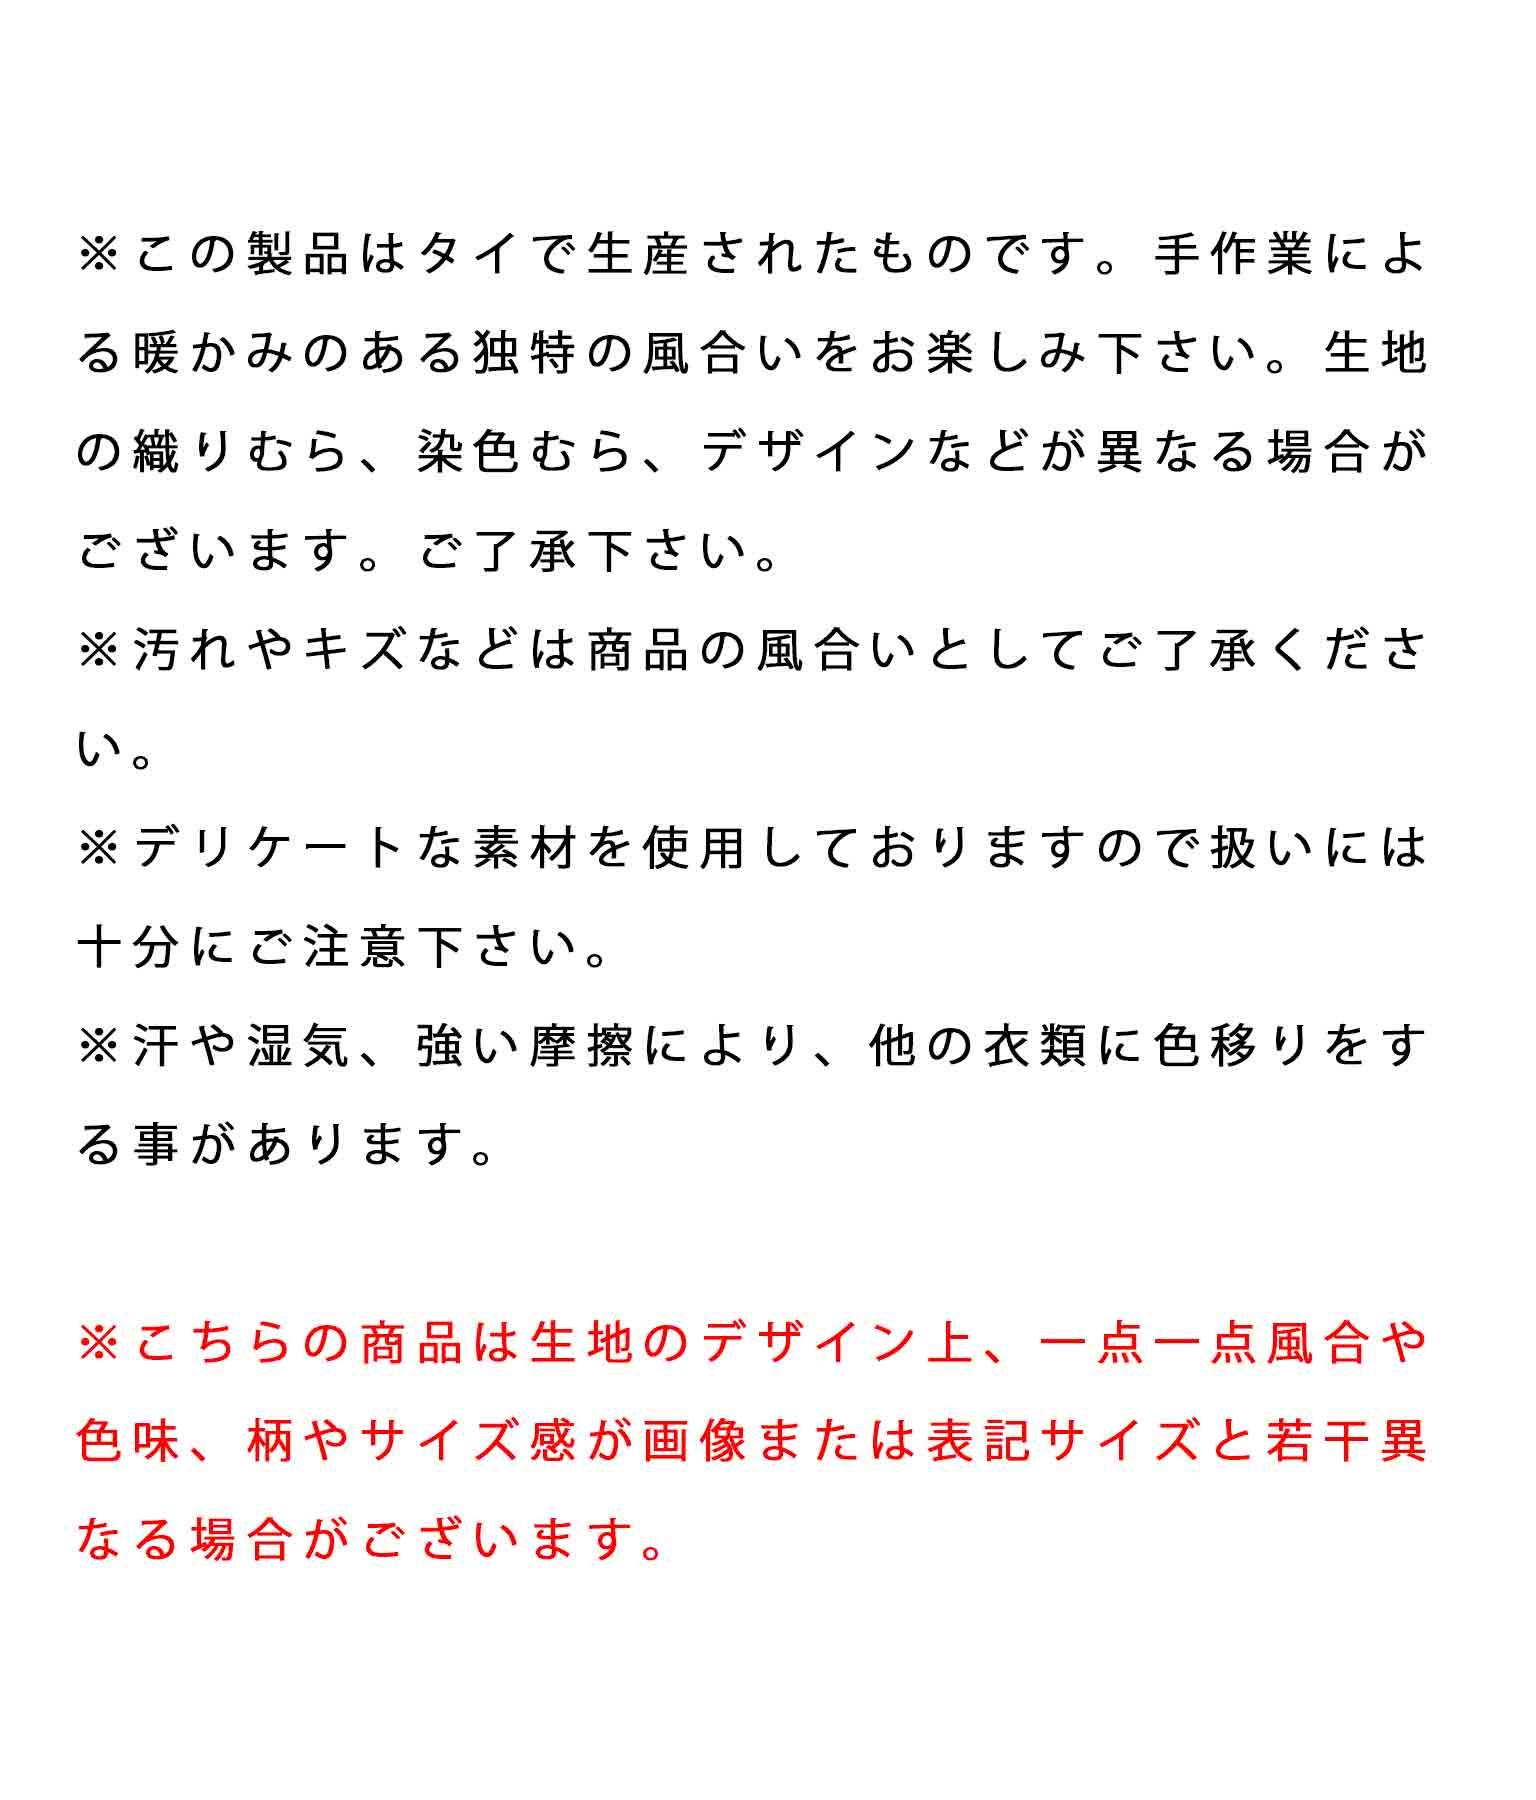 タイダイトートバッグ(バッグ・鞄・小物/トートバッグ) | anap mimpi